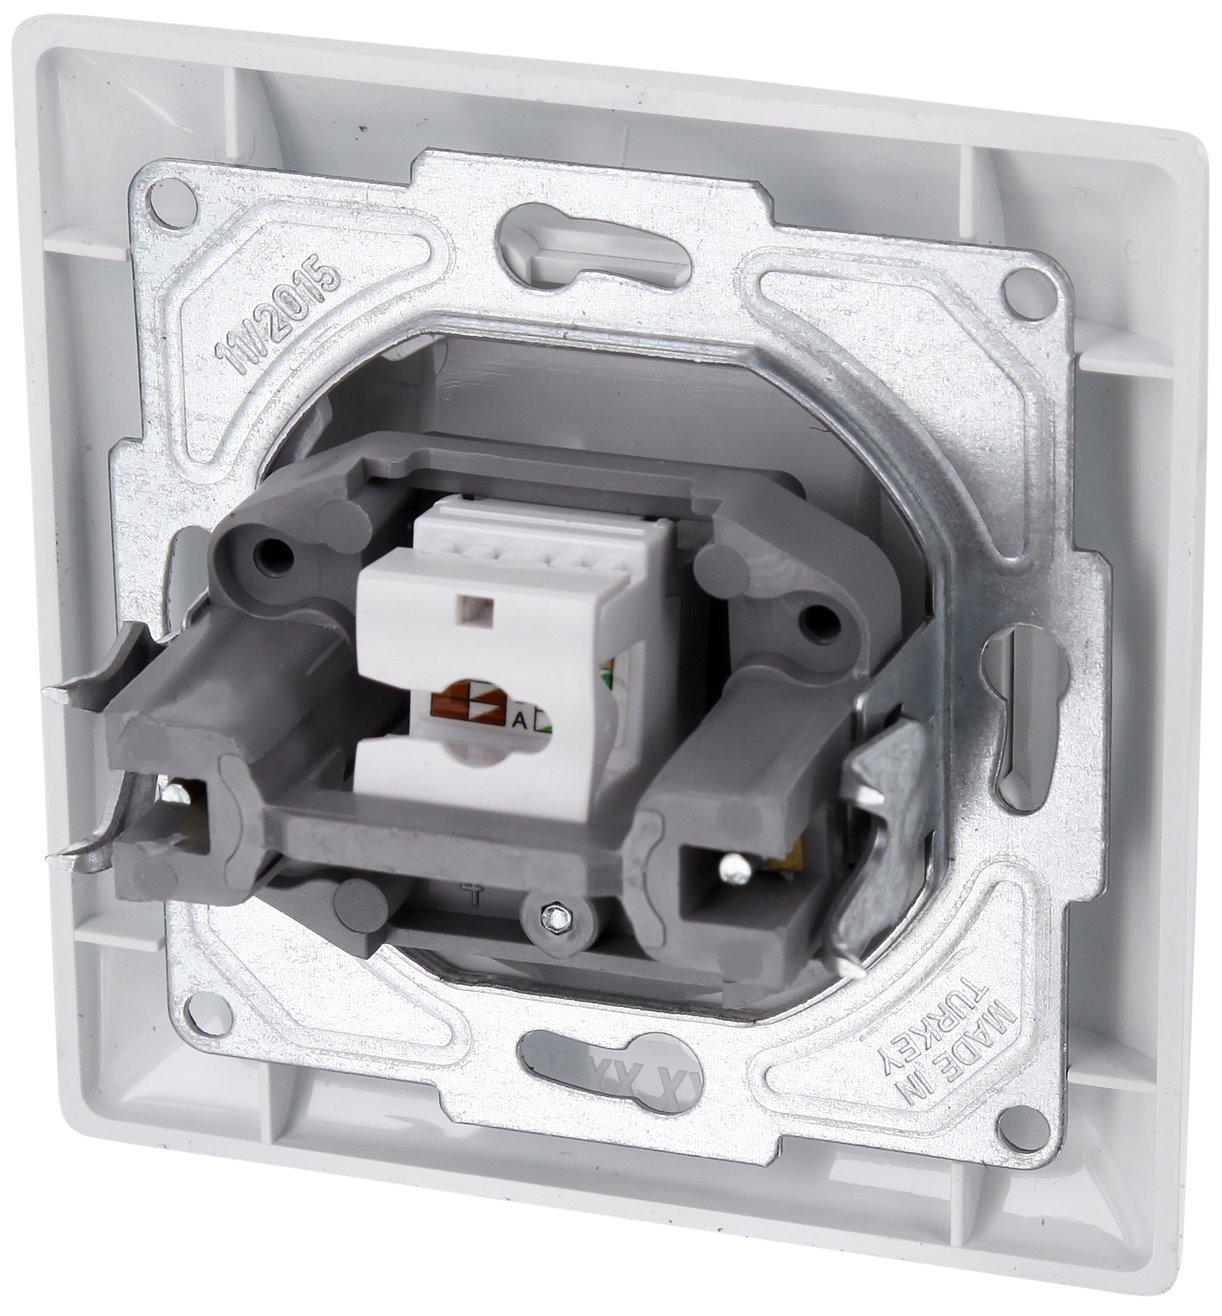 UP Netzwerkdose CAT6 1-fach Rahmen Serie G1 reinwei/ß Abdeckung All-in-One Unterputz-Einsatz